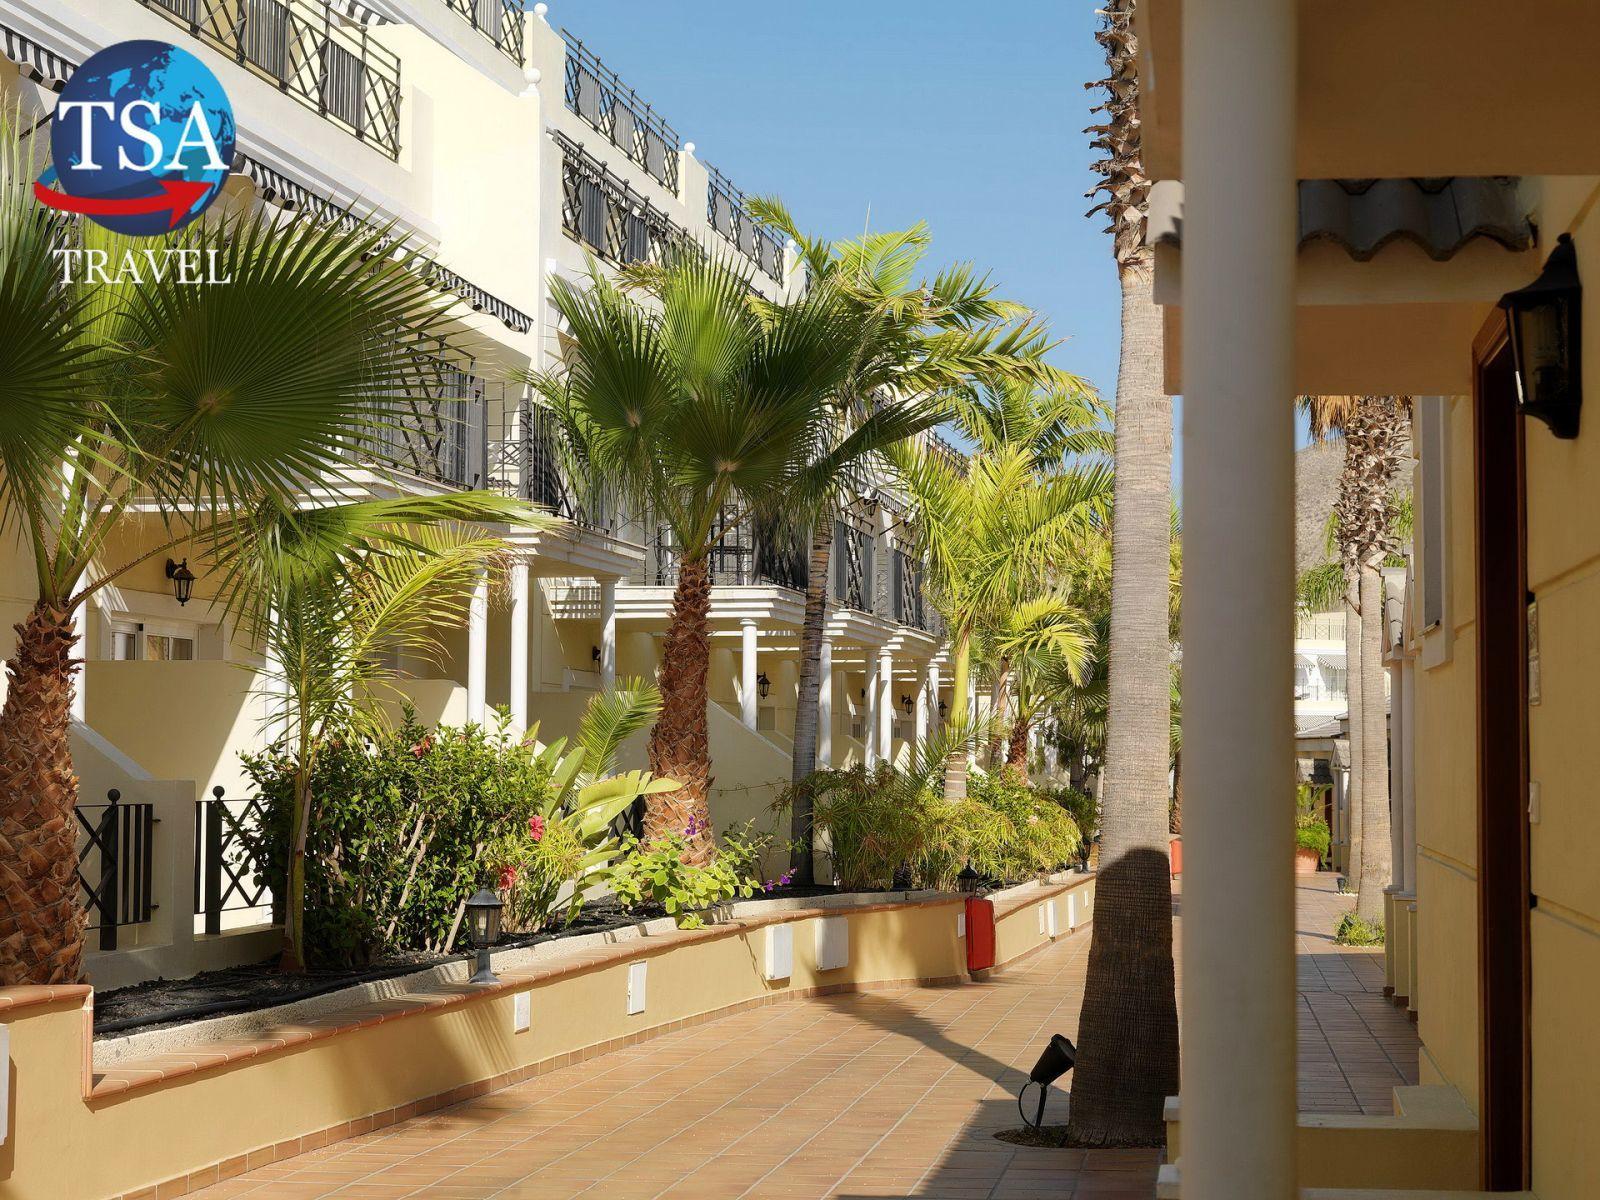 Gran_Oasis_Tenerife_005.jpg